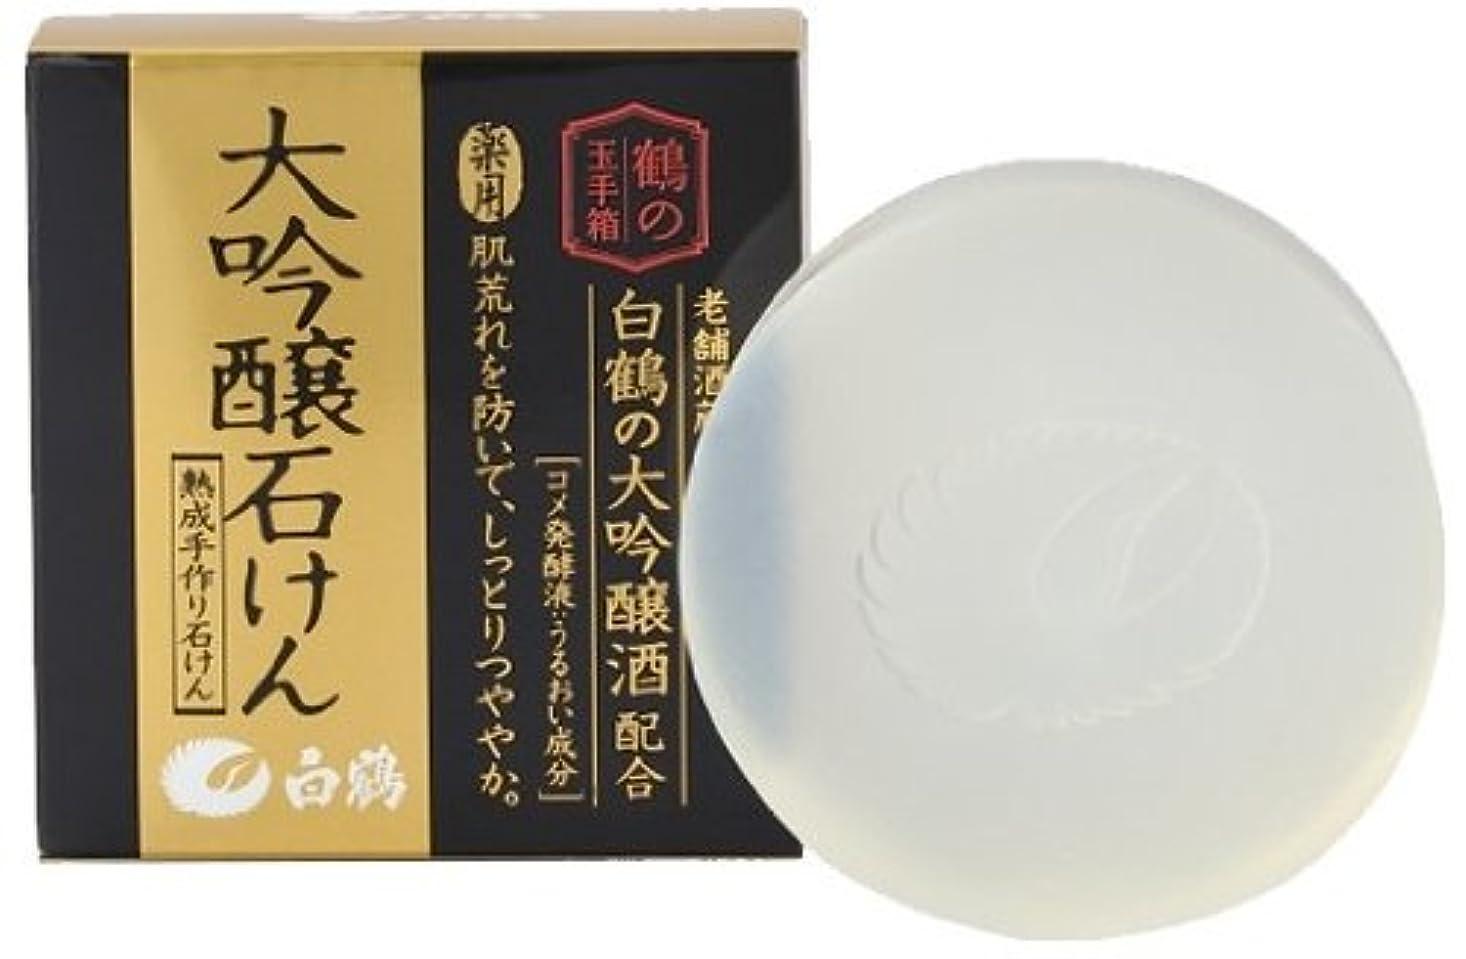 ジャンル邪悪なカート白鶴 鶴の玉手箱 薬用 大吟醸石けん 100g (医薬部外品)